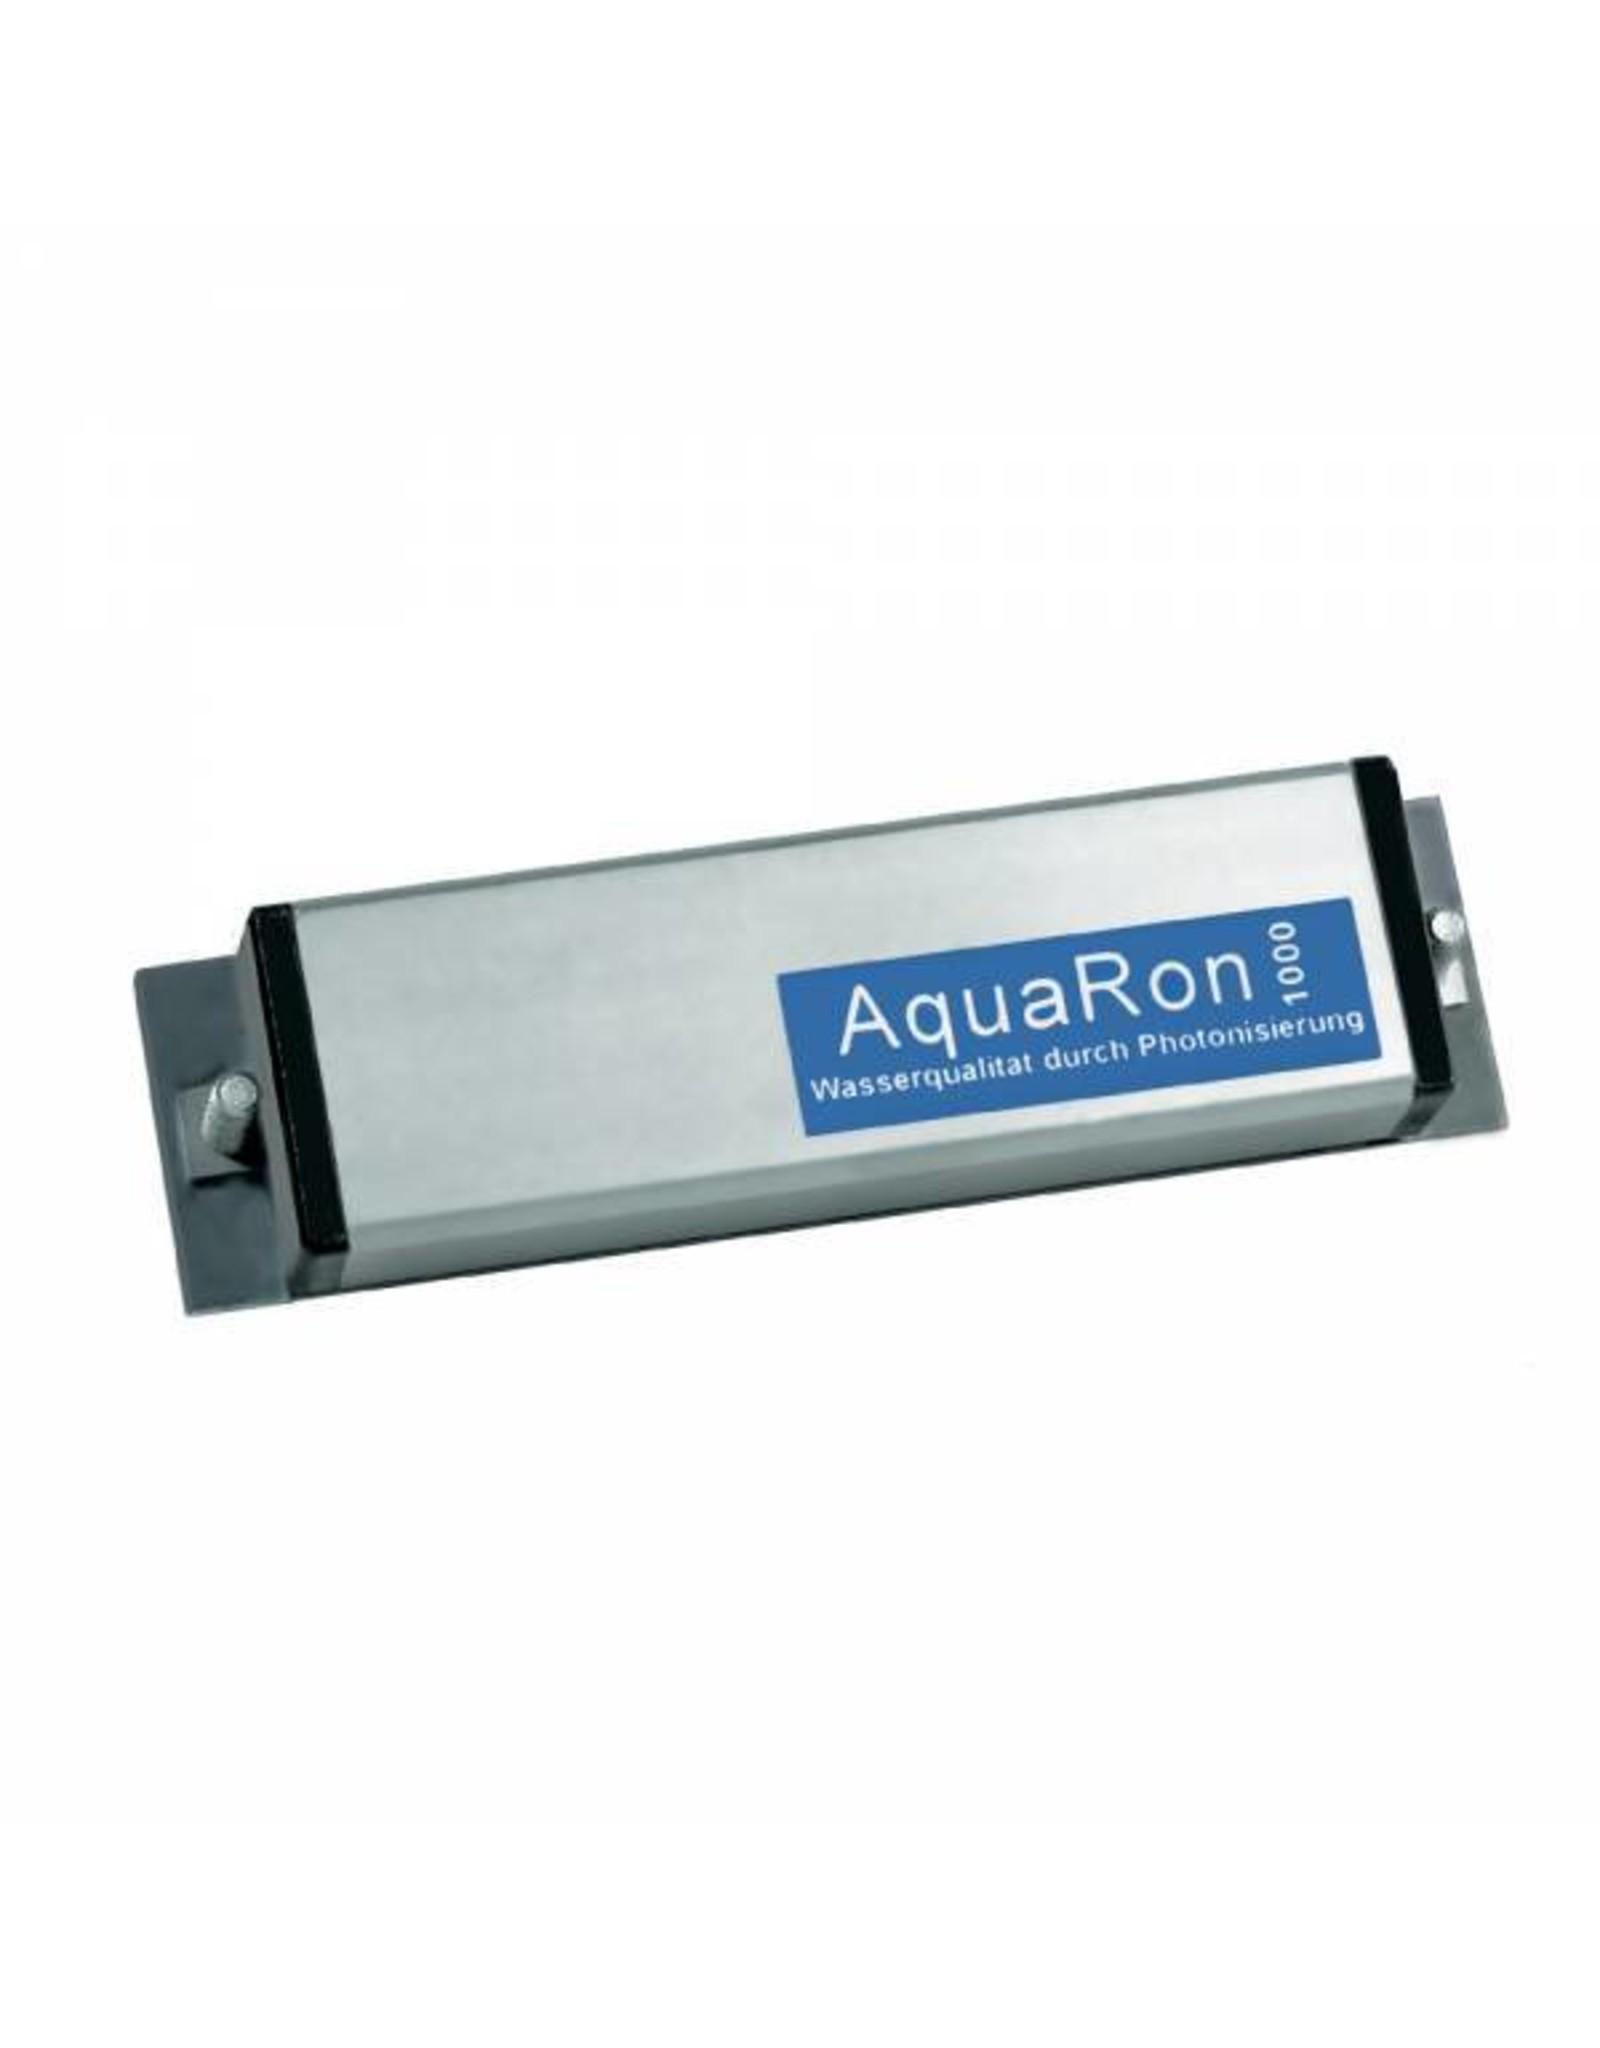 AquaRon1000